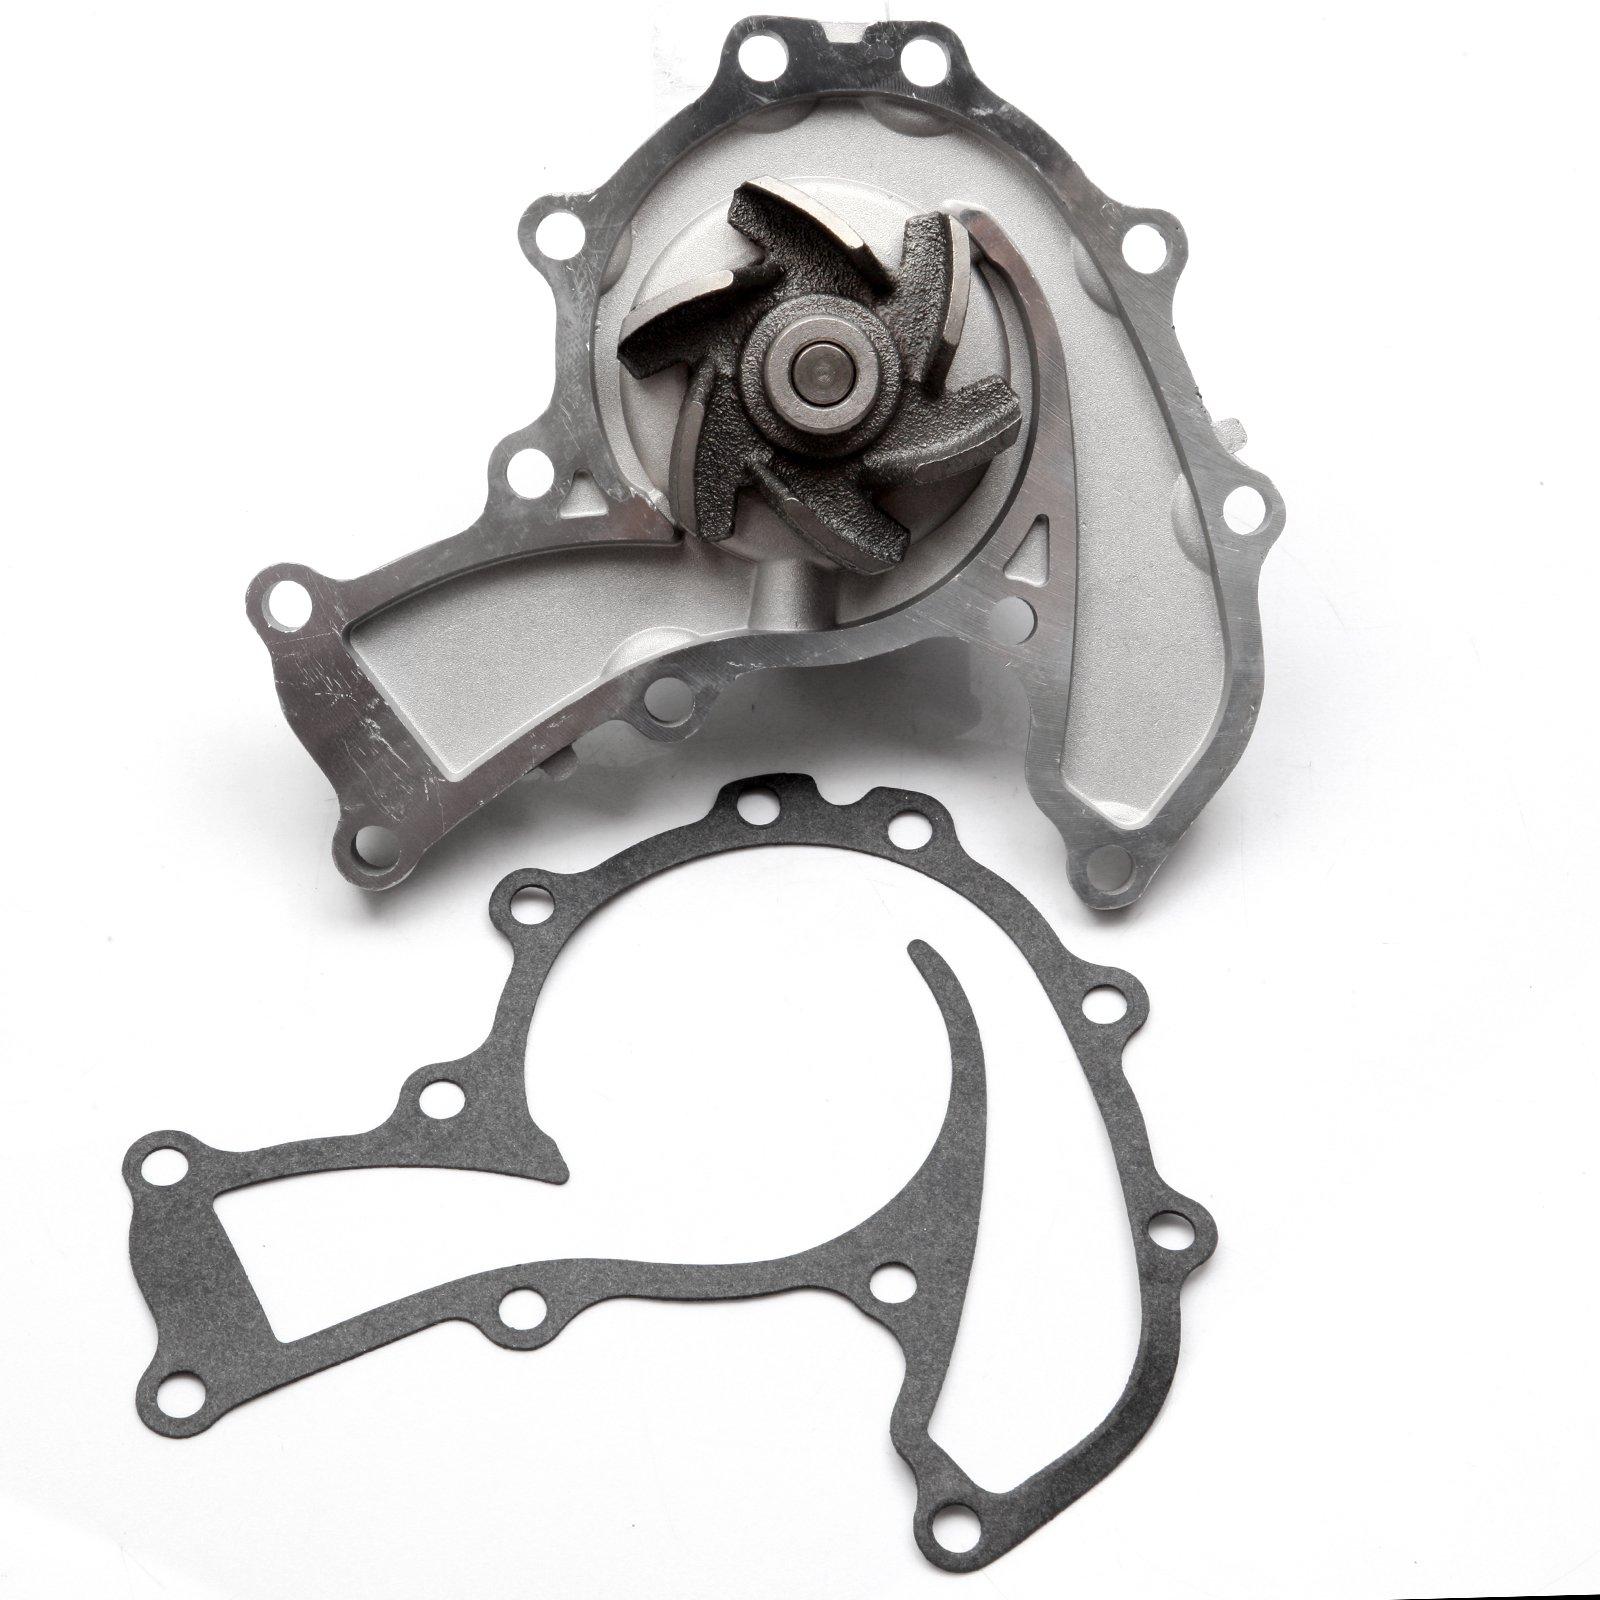 Eccpp Tbk303 Fits 98 04 Honda Isuzu 32 35 6vd1 6ve1 Timing Belt 1999 Rodeo Water Pump Kit 052746 5211 1353231 Kits Automotive Tibs